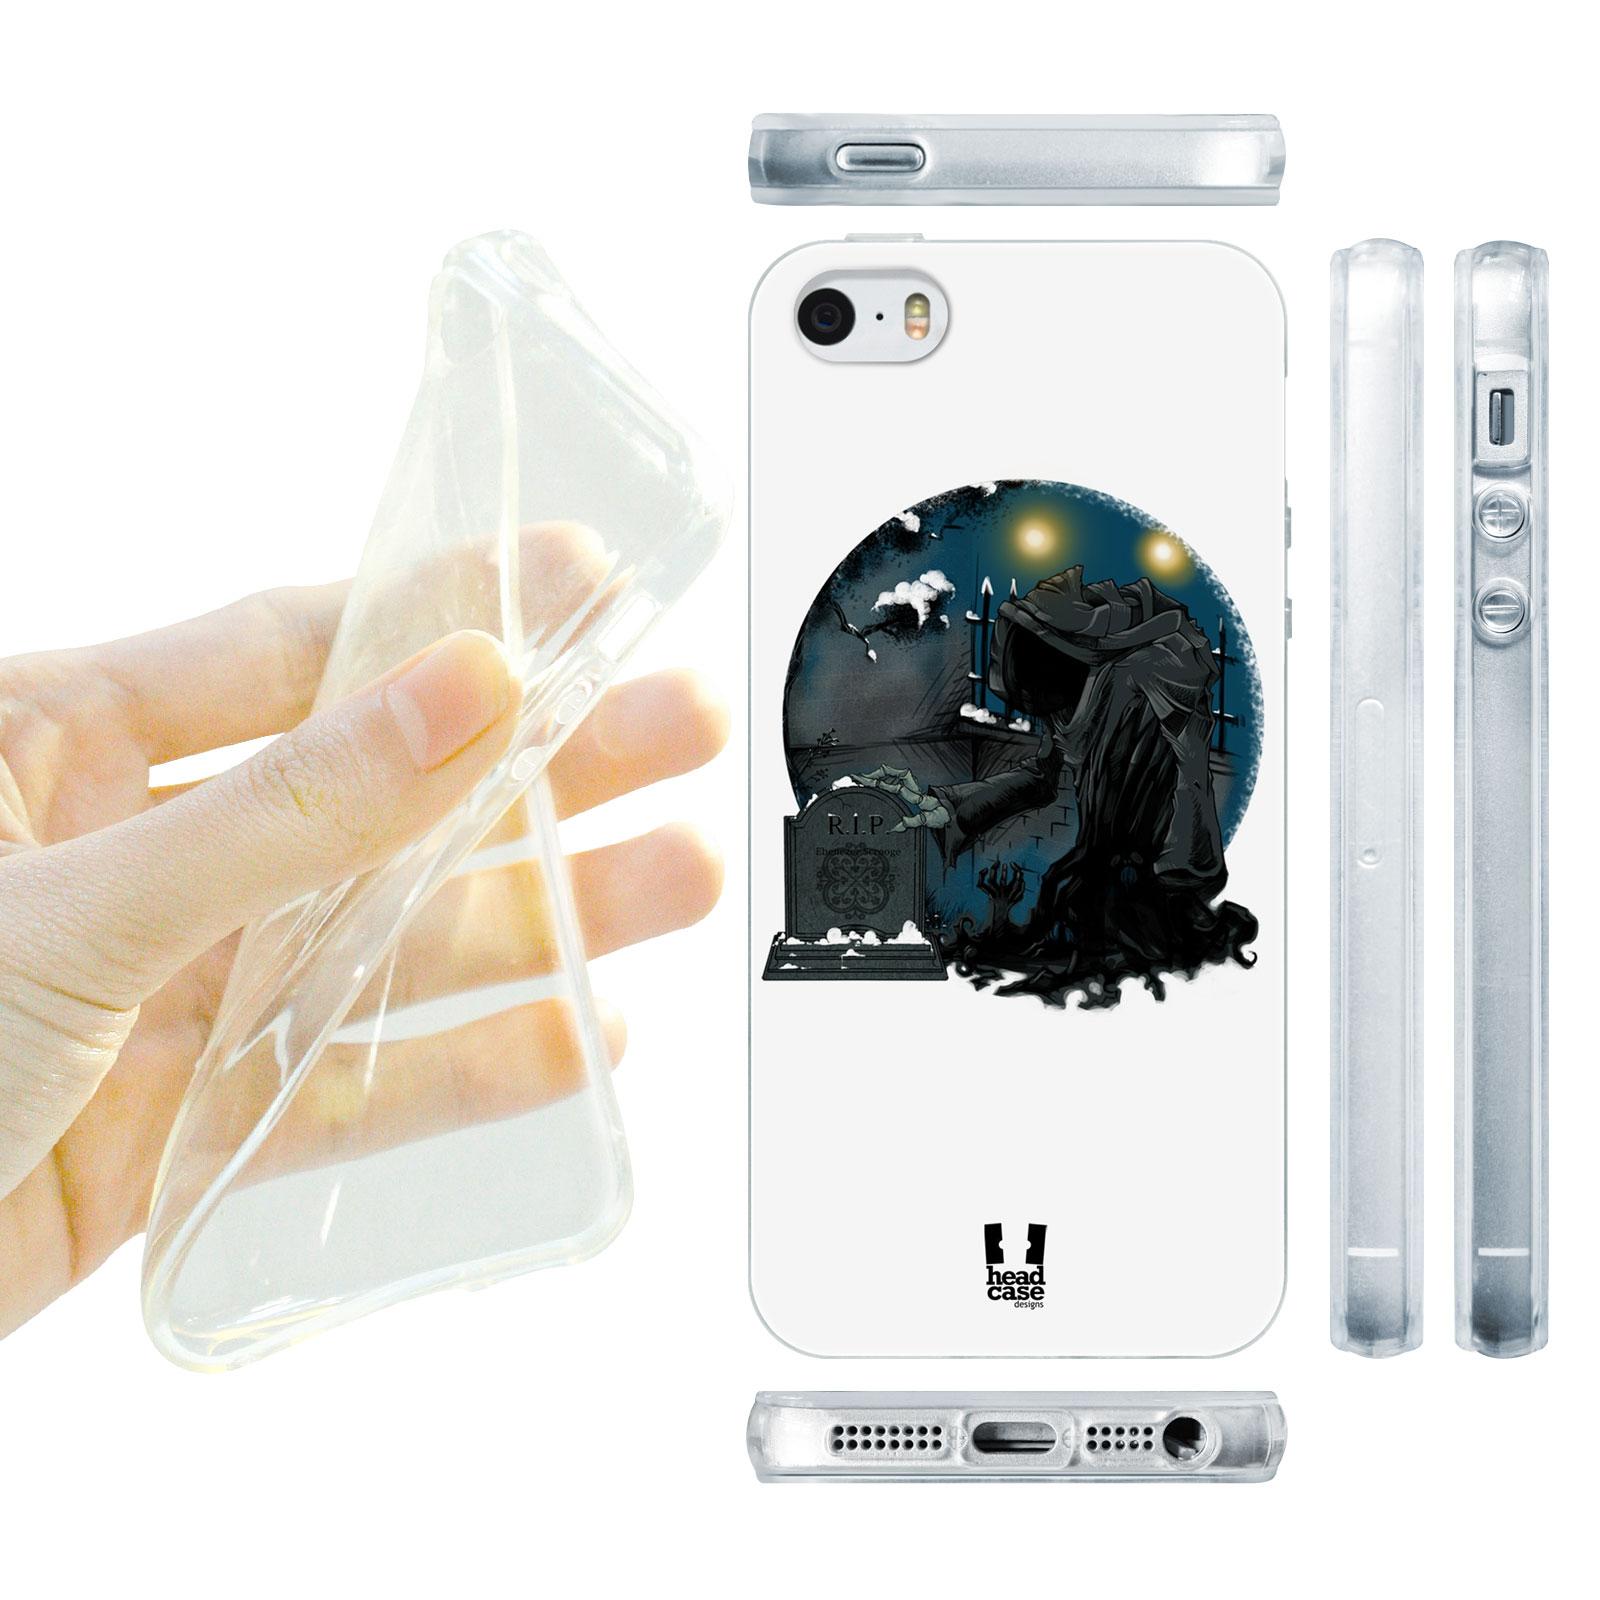 HEAD CASE silikonový obal na mobil Iphone 5/5S Vzor duch vánoc černá a bílá